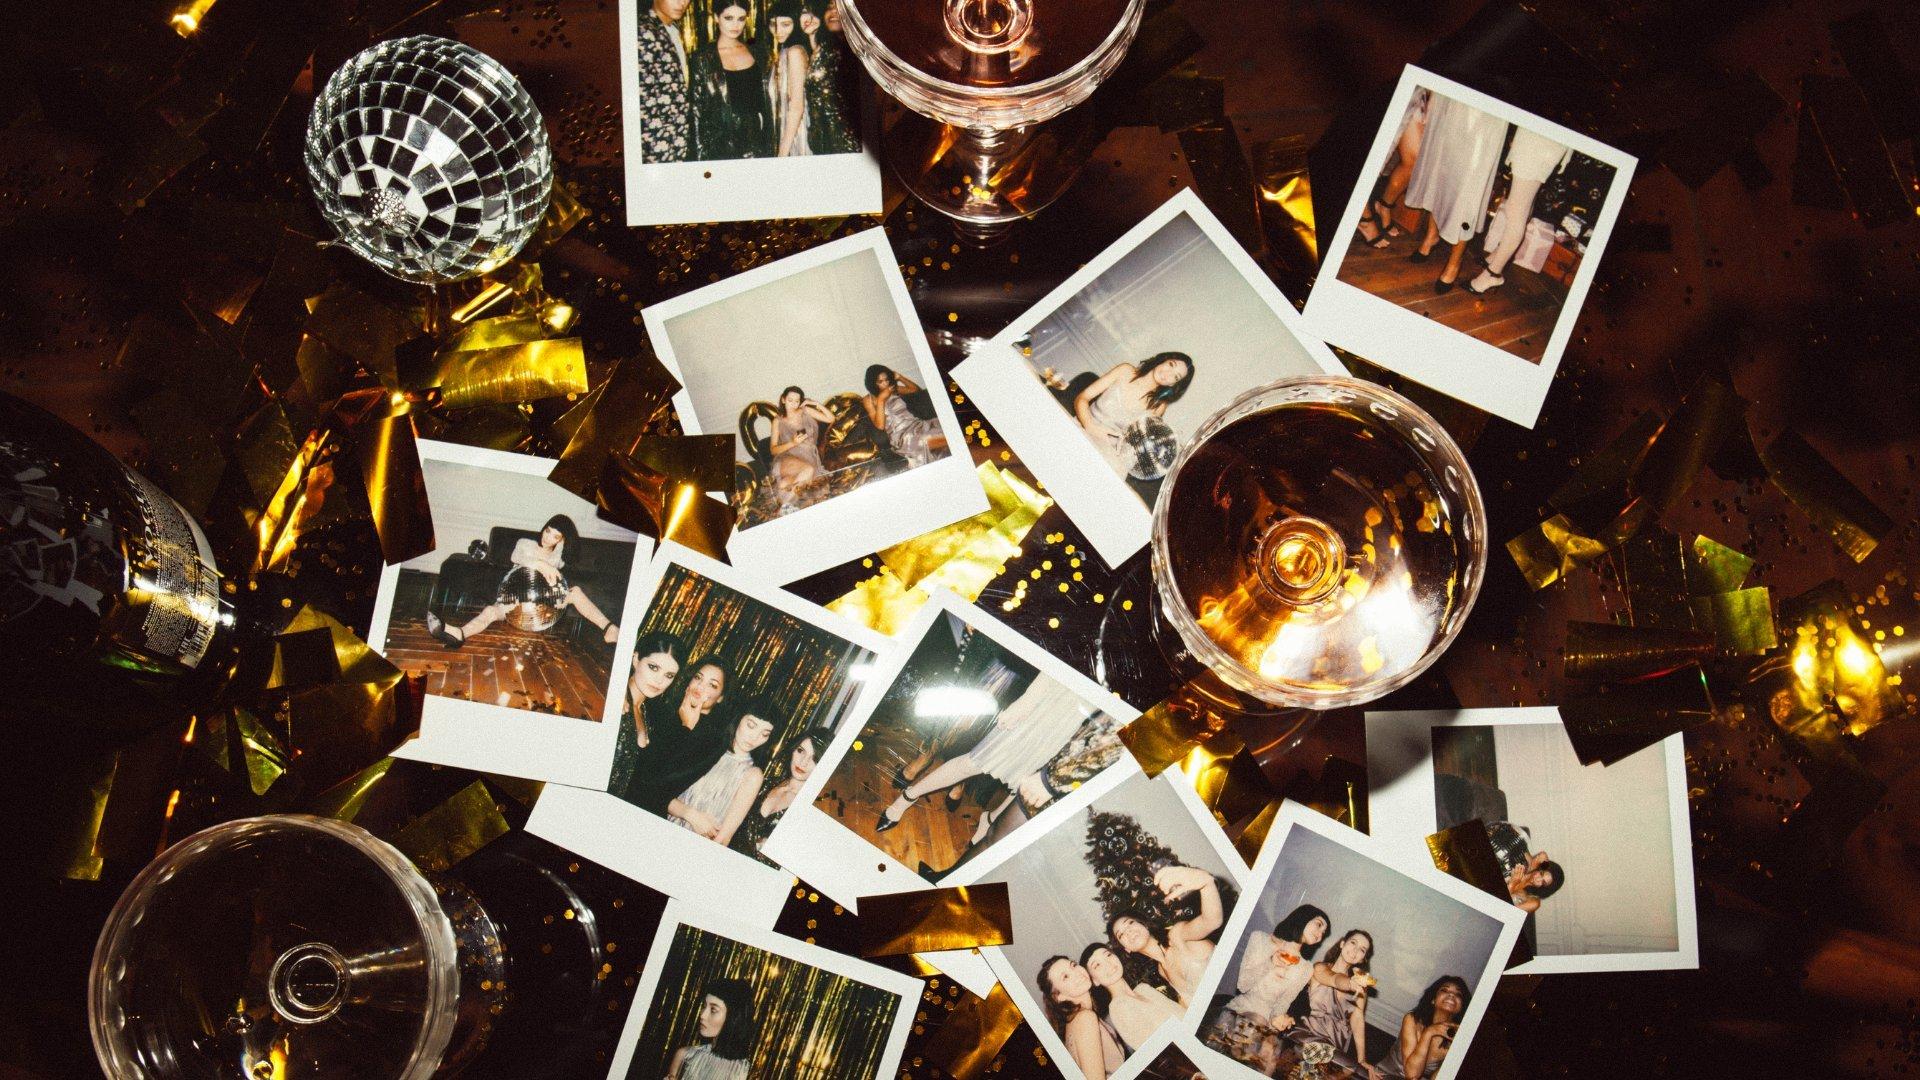 fotos antigas sobre uma mesa